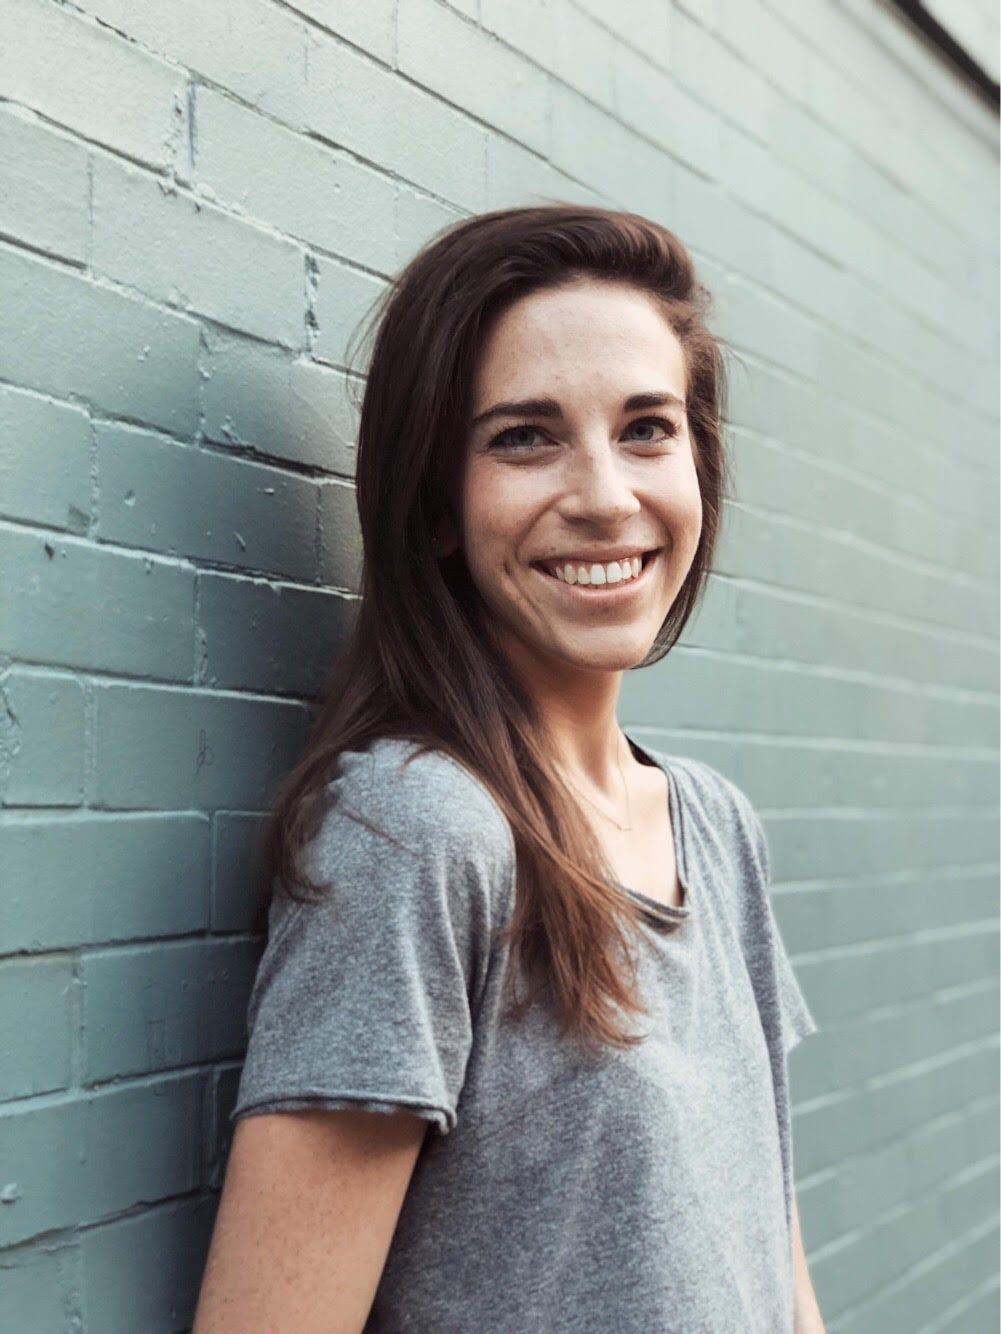 Sarah Nesbitt